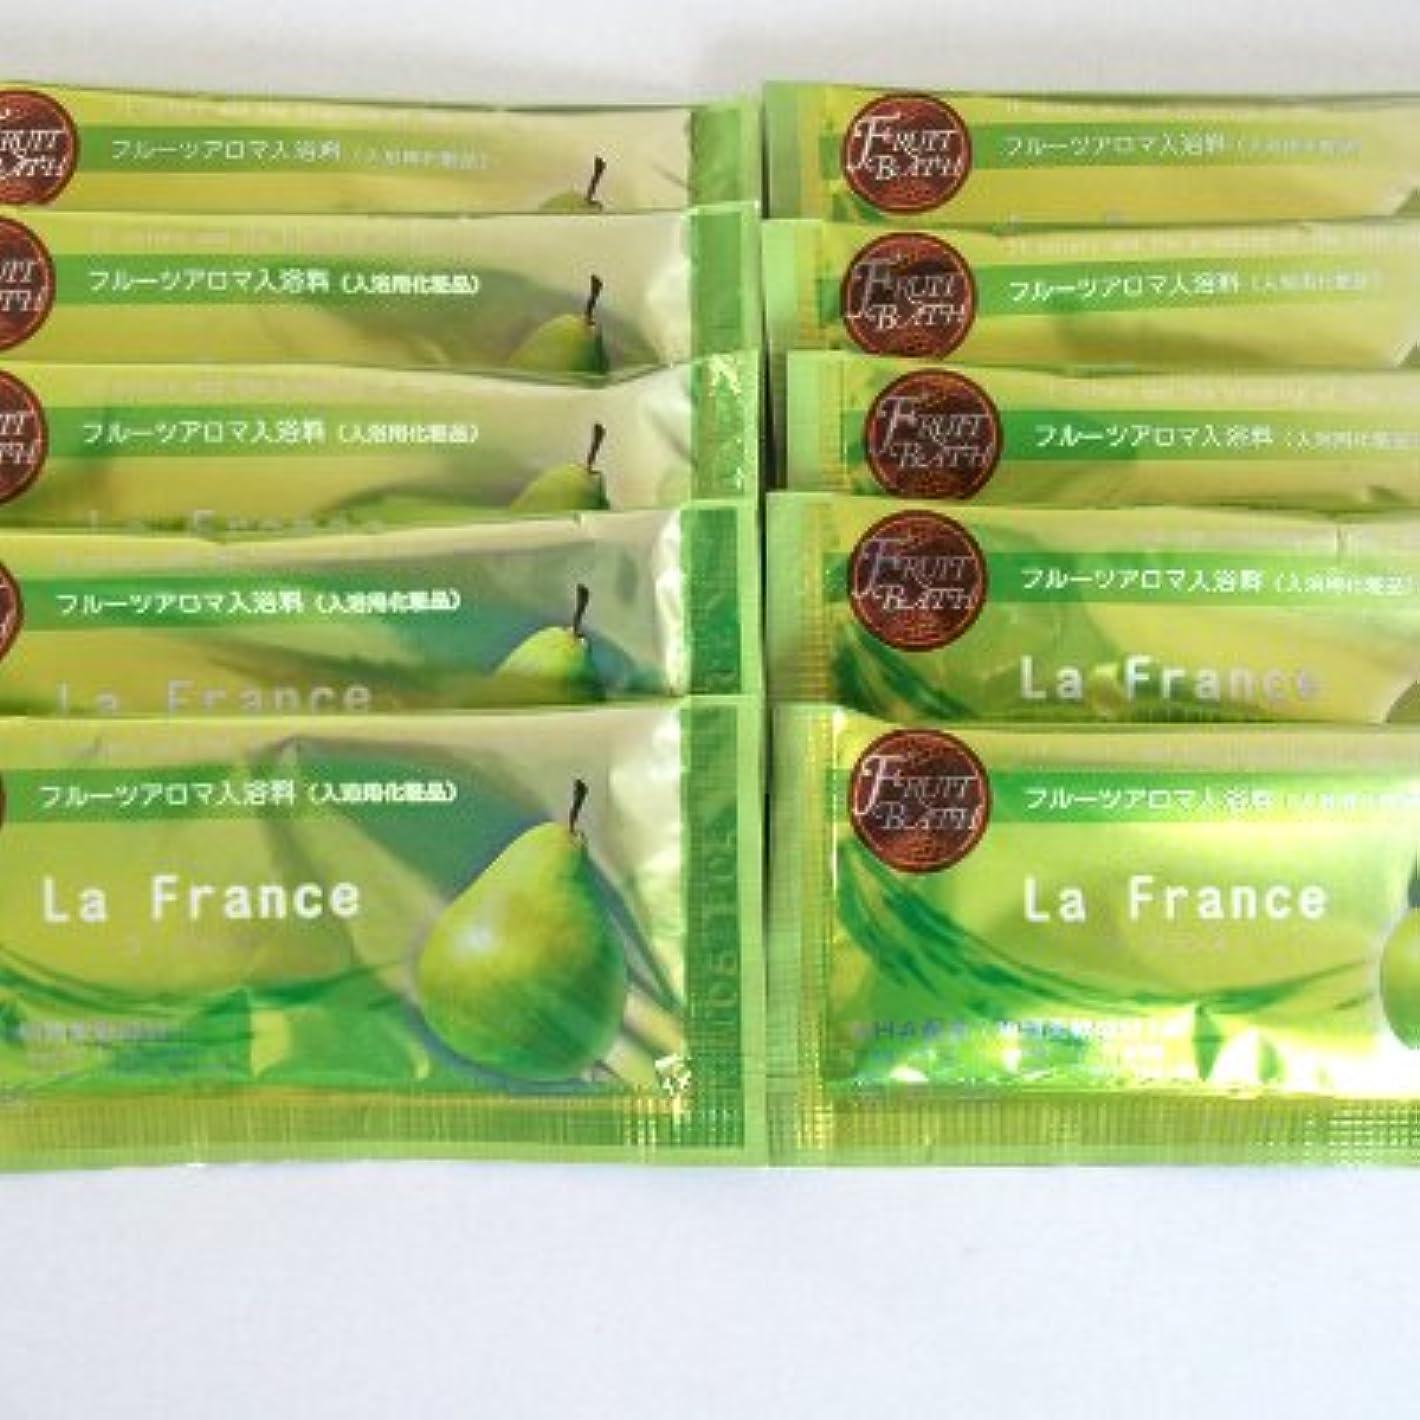 動かないかわすペチュランスフルーツアロマ入浴剤 ラ?フランスの香り 10包セット